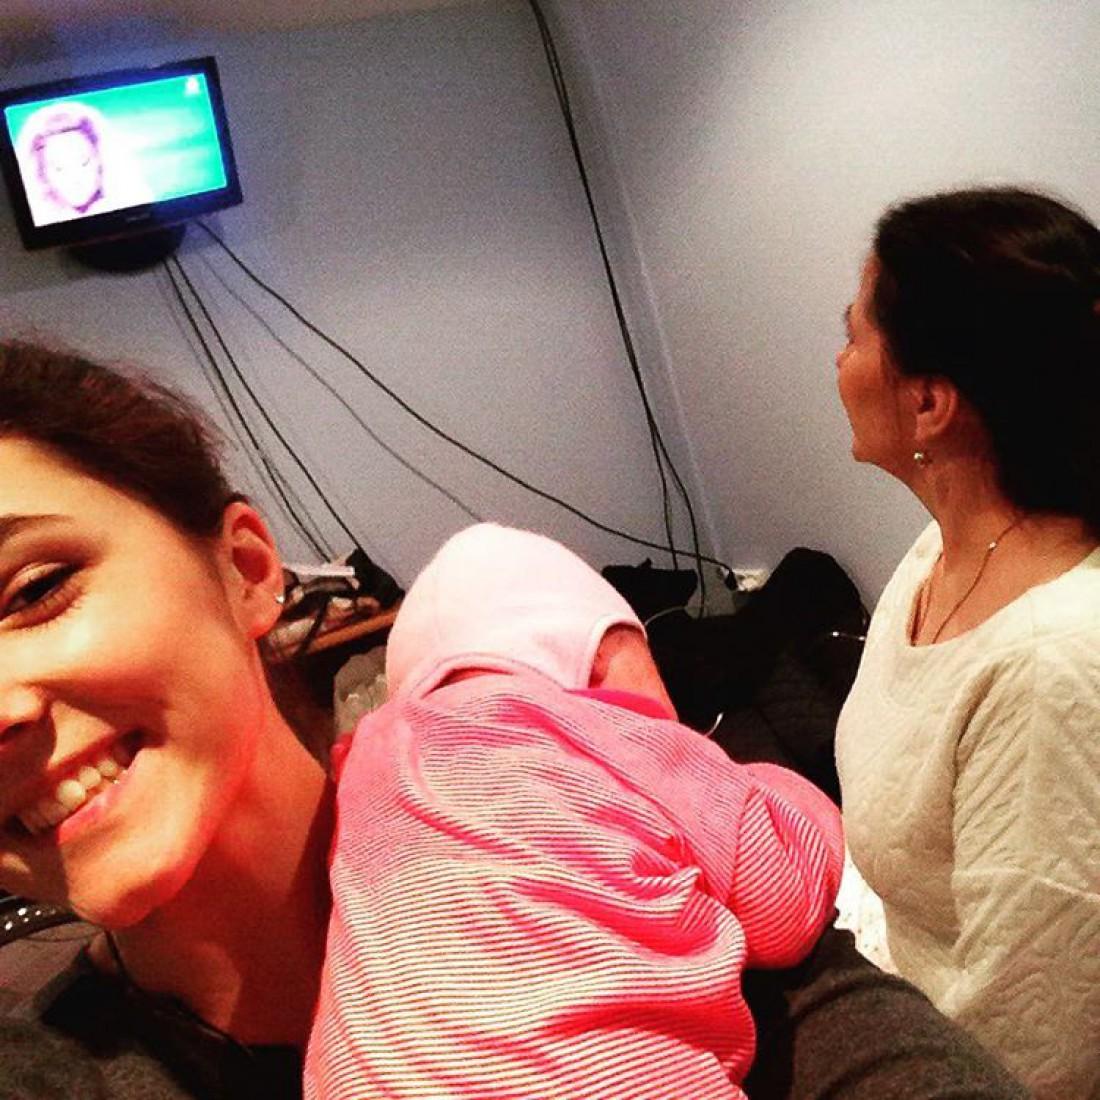 Старшая дочь Тони Ульяна держит на руках сестричку Нину, а справа стоит Нина Матвиенко – мама Тони.